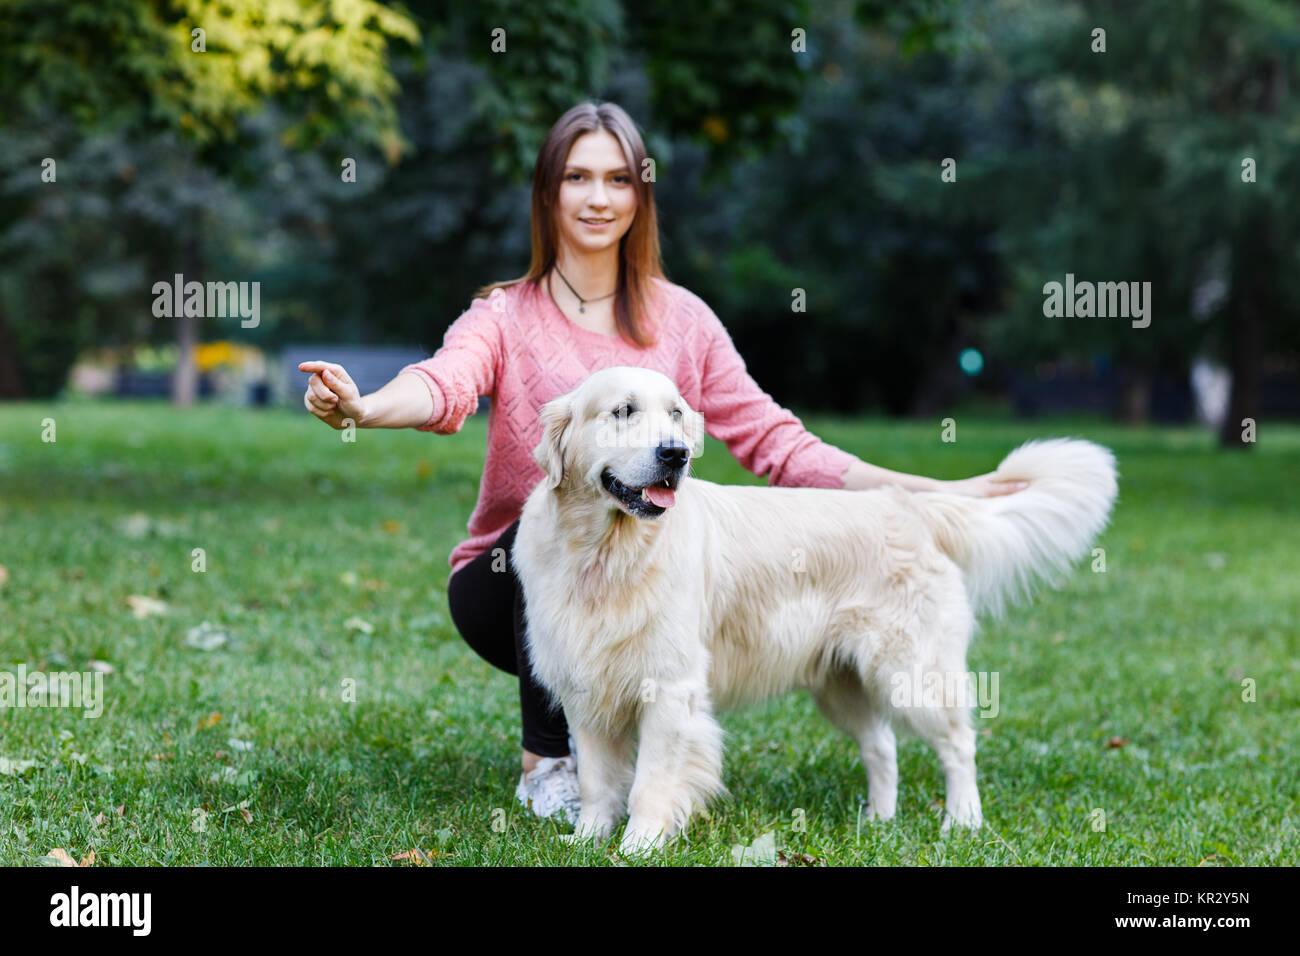 Bild der Brünette mit Hund auf dem grünen Rasen Stockbild